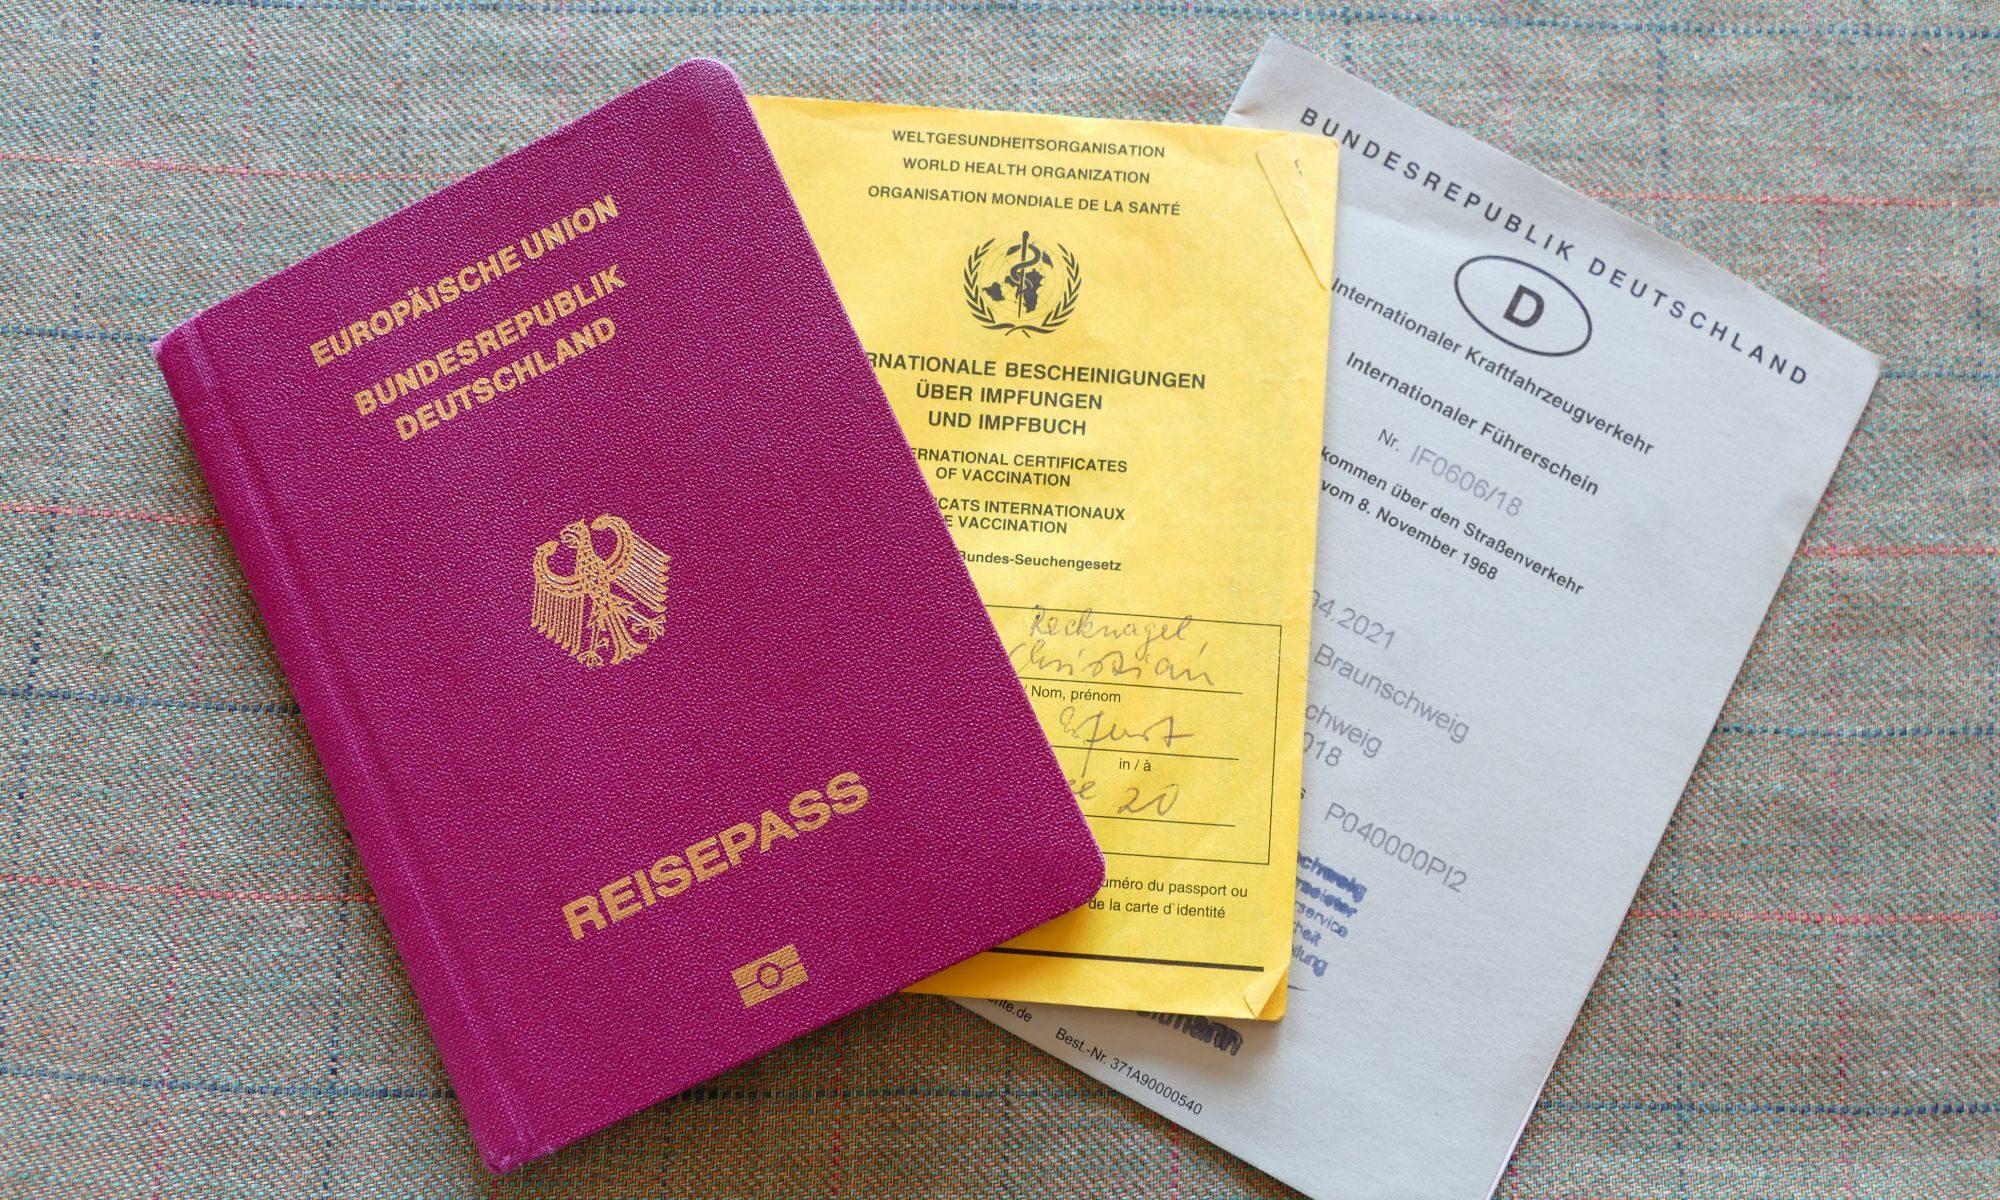 Reisevorbereitung, Reisepass, Impfausweis, Internationaler Führerschein